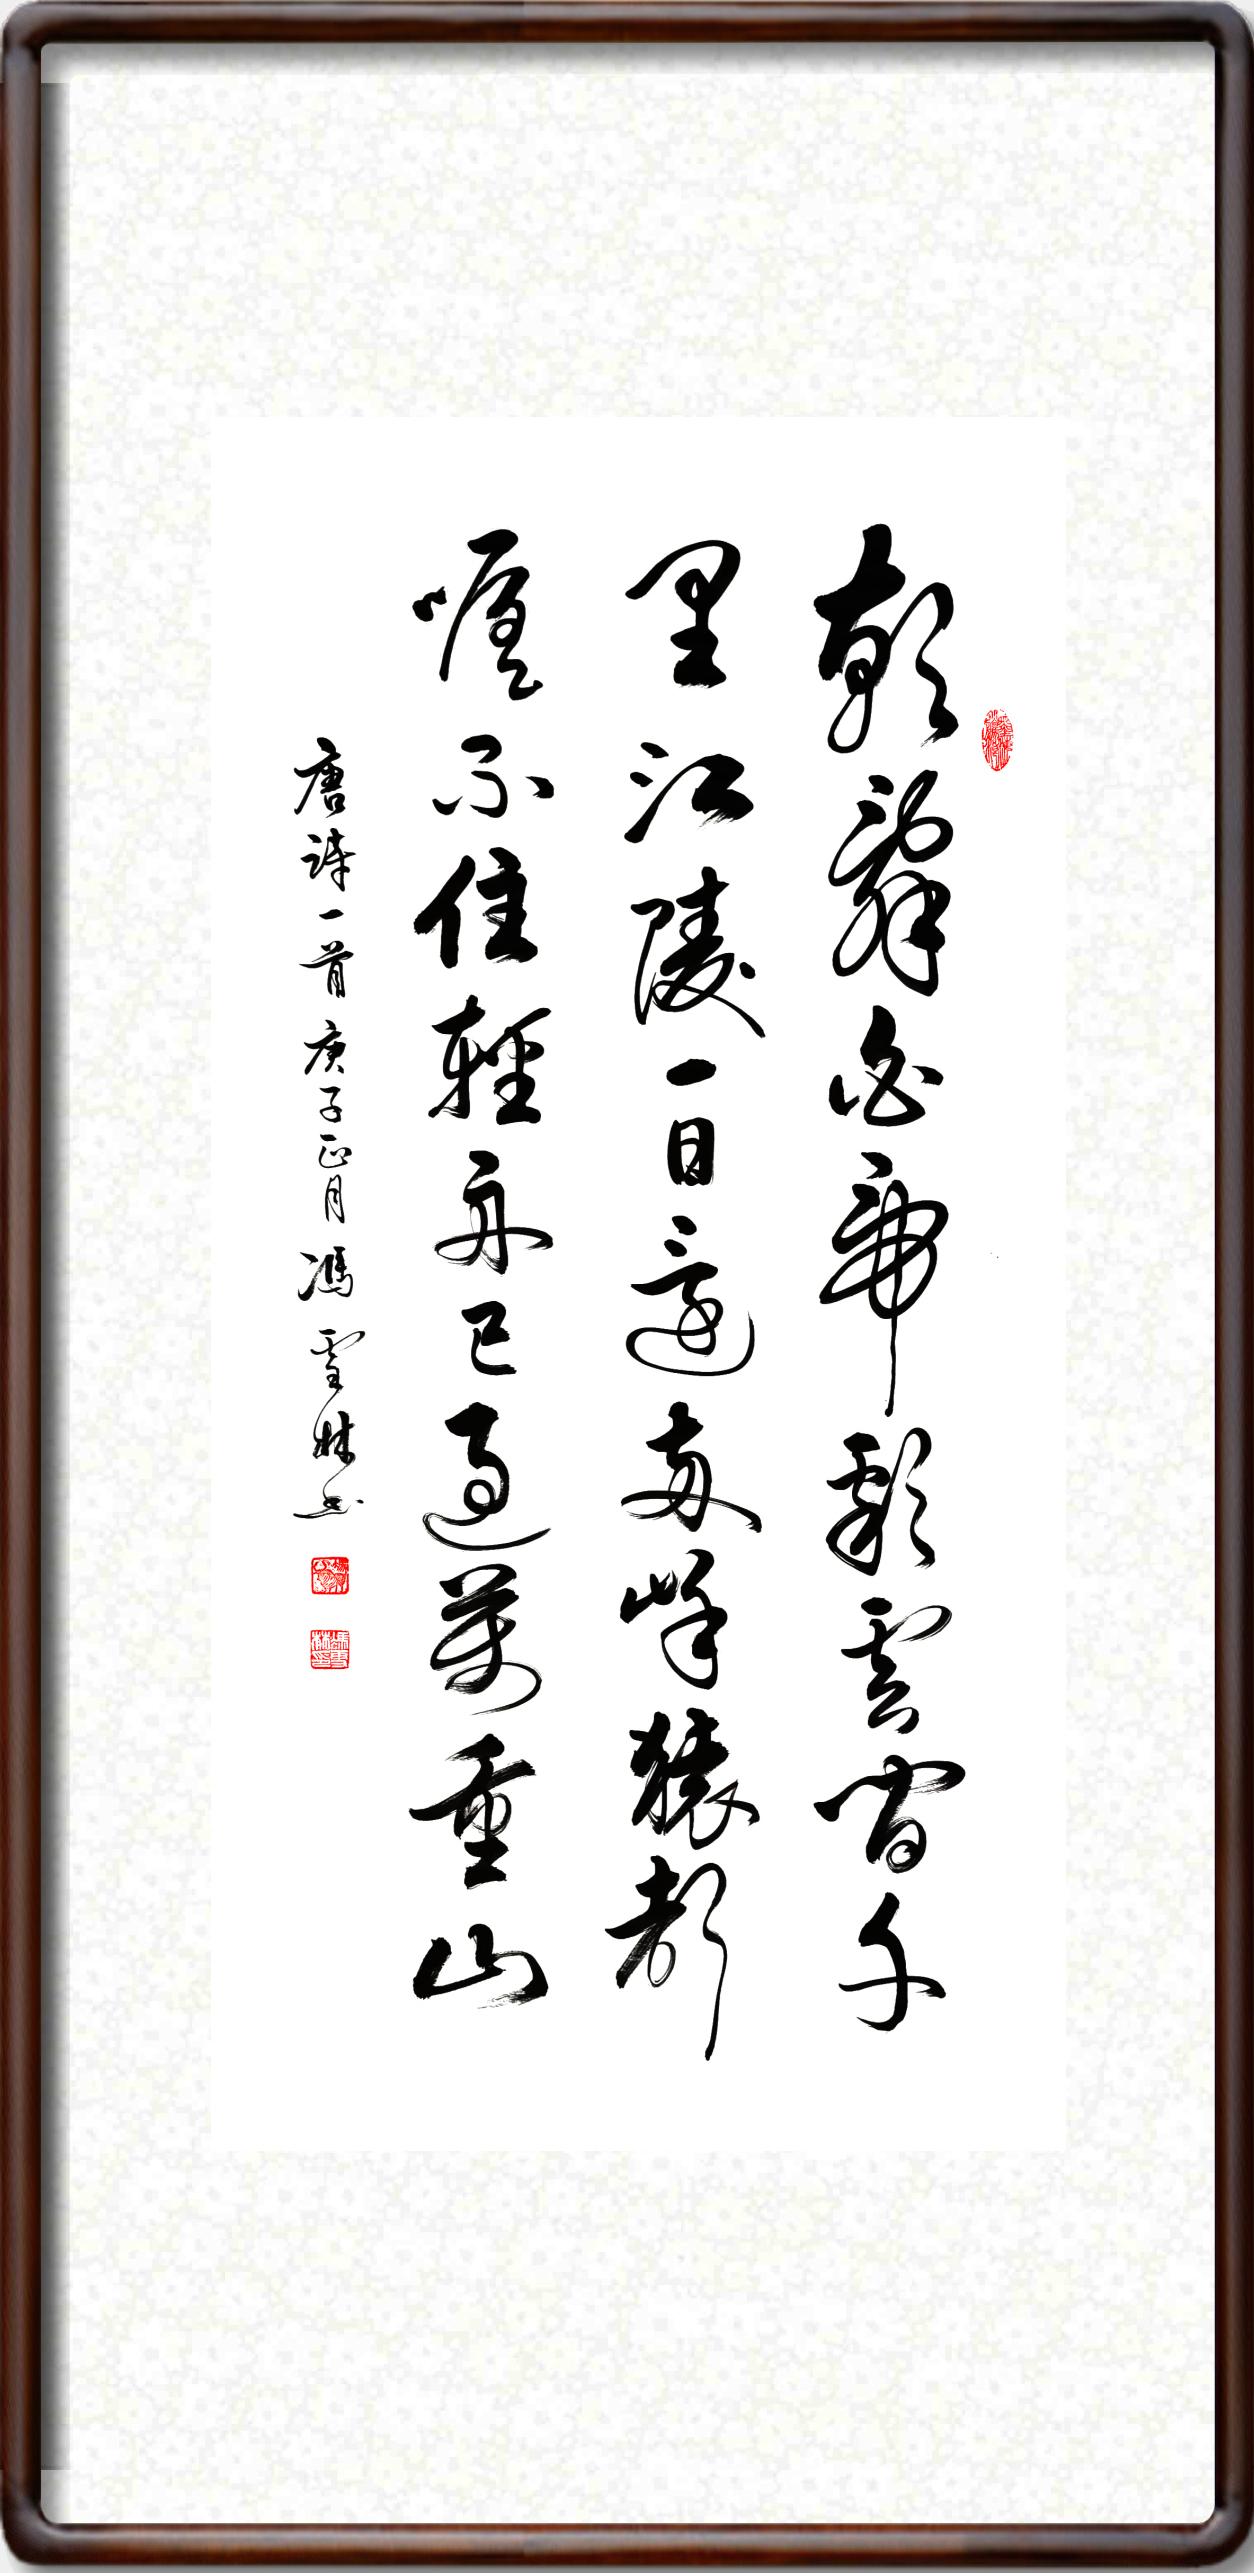 李白早发白帝城书法作品欣赏